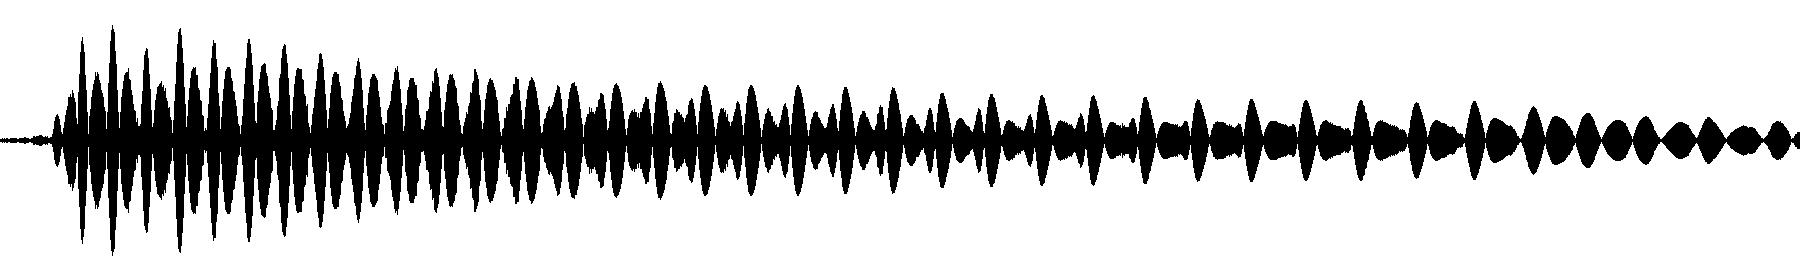 gia sound 12 b2